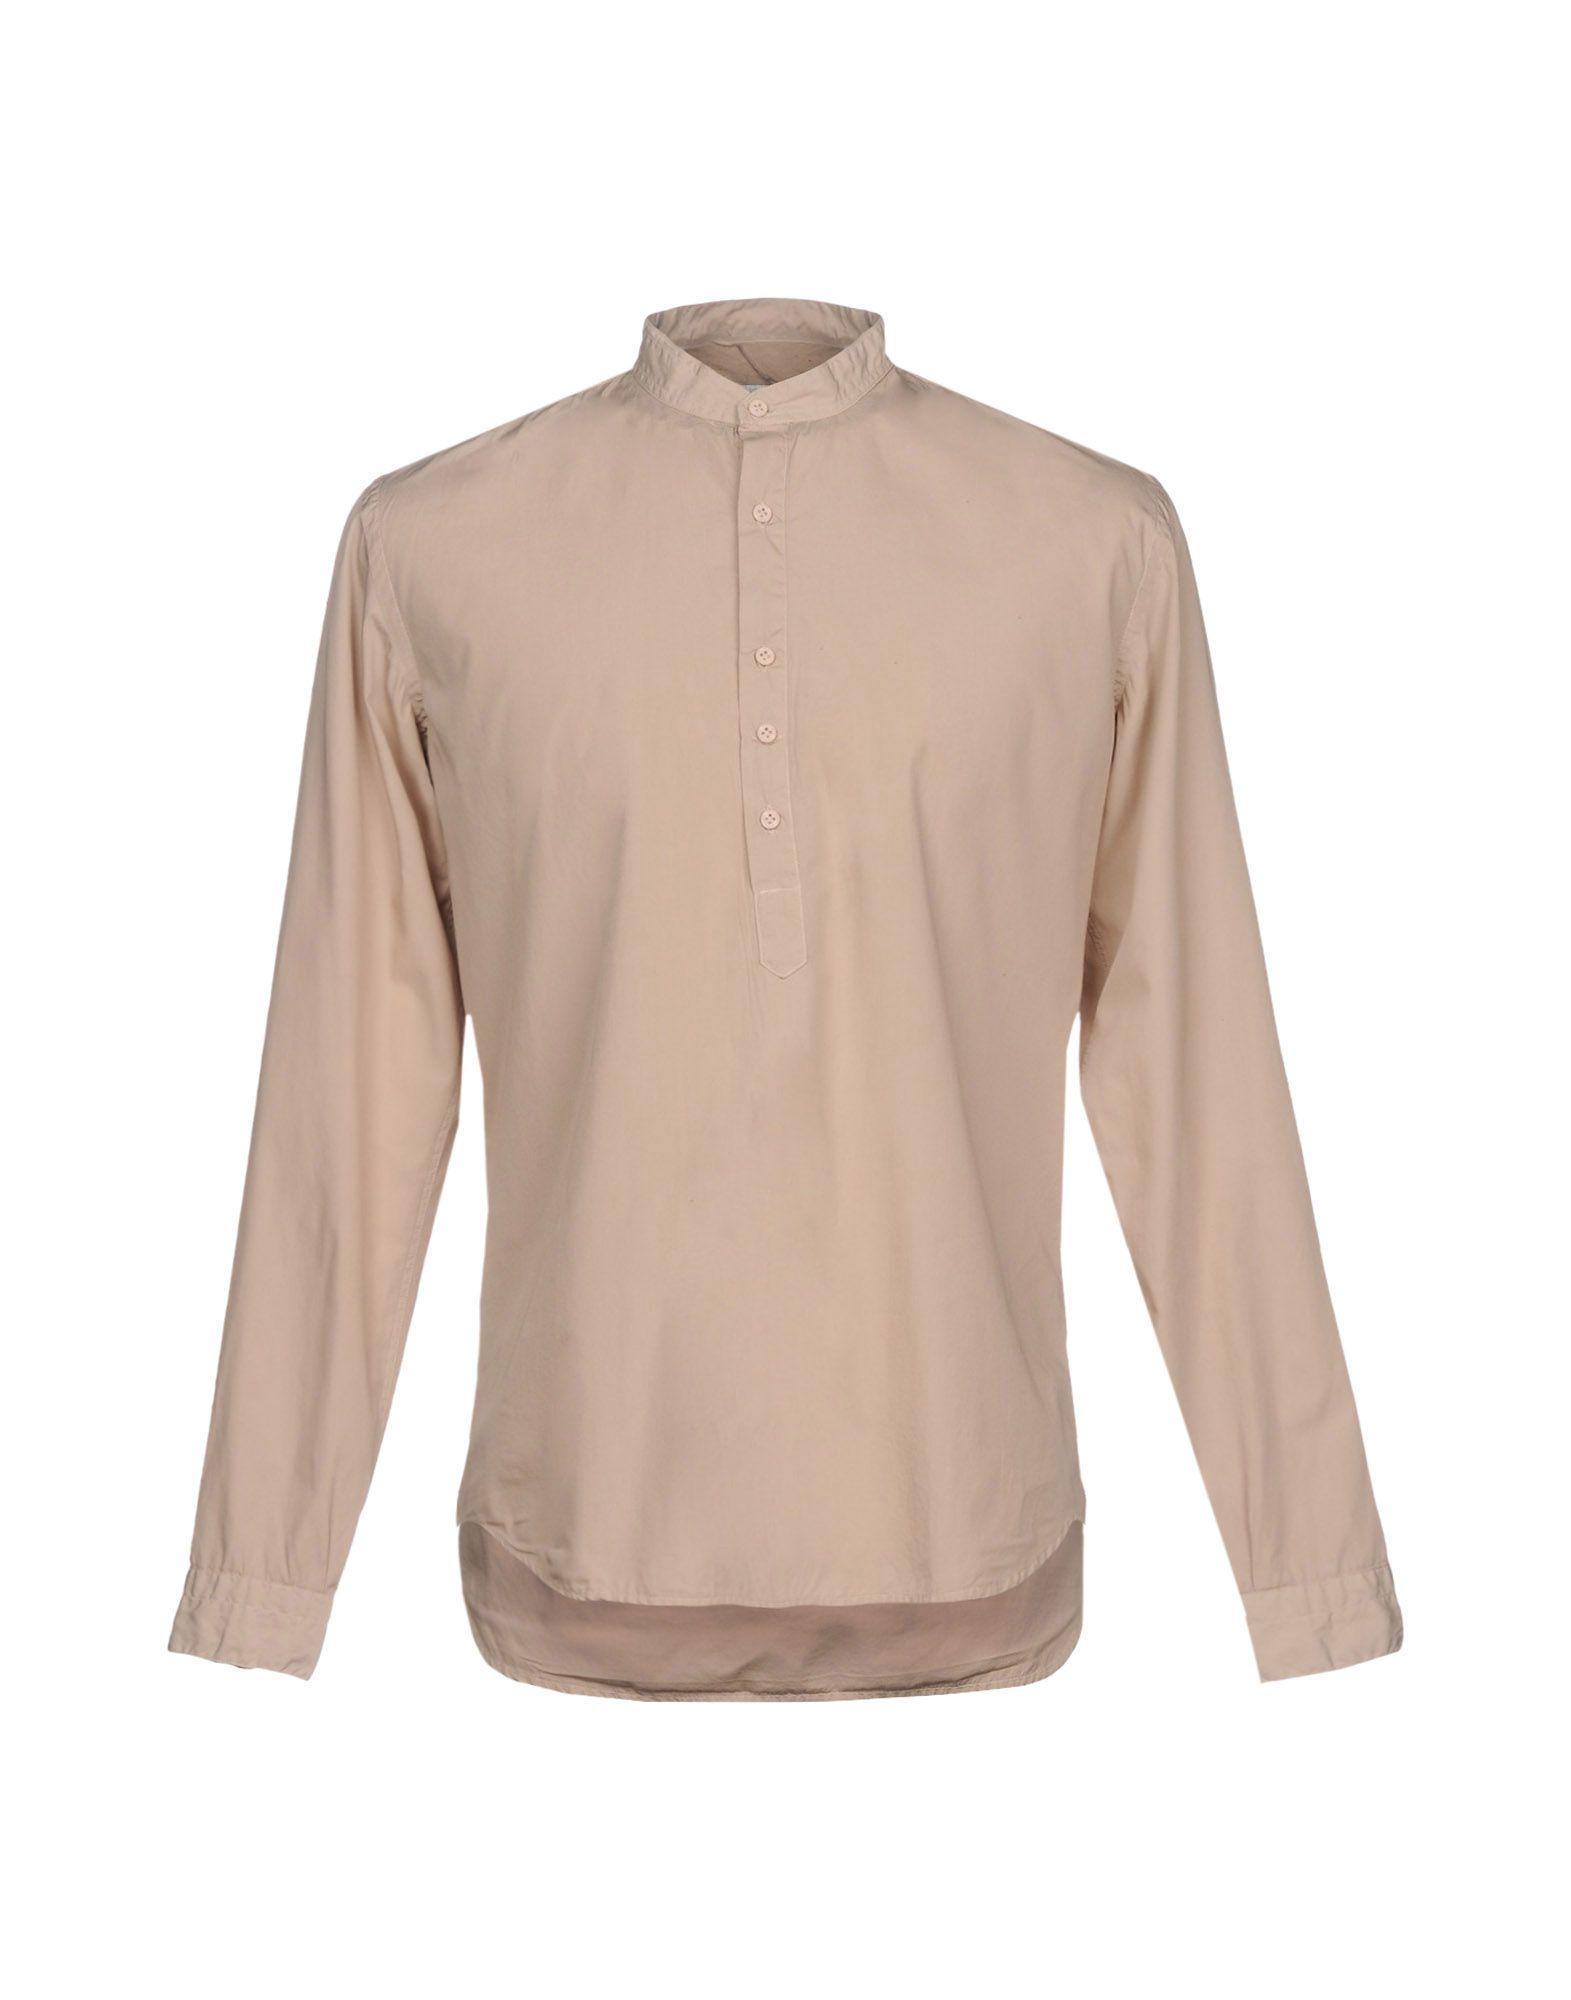 《送料無料》COSTUMEIN メンズ シャツ サンド 44 コットン 100%